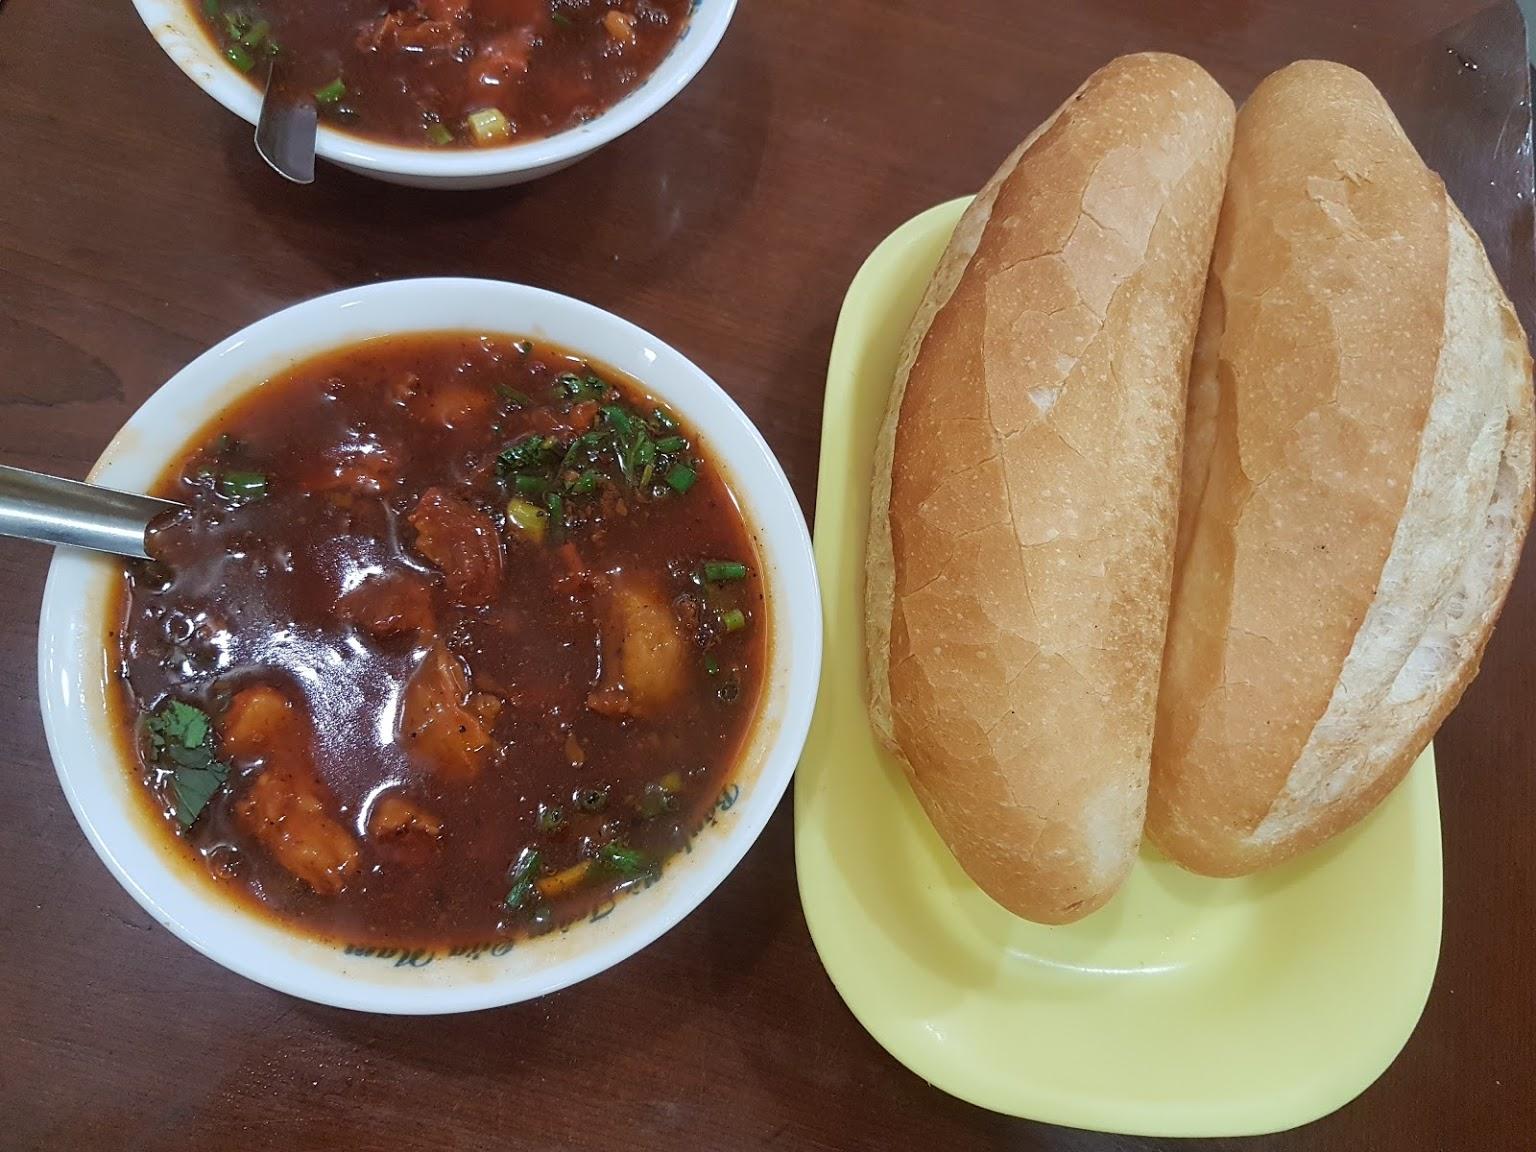 bánh mì hanoi - beef stew bánh mì